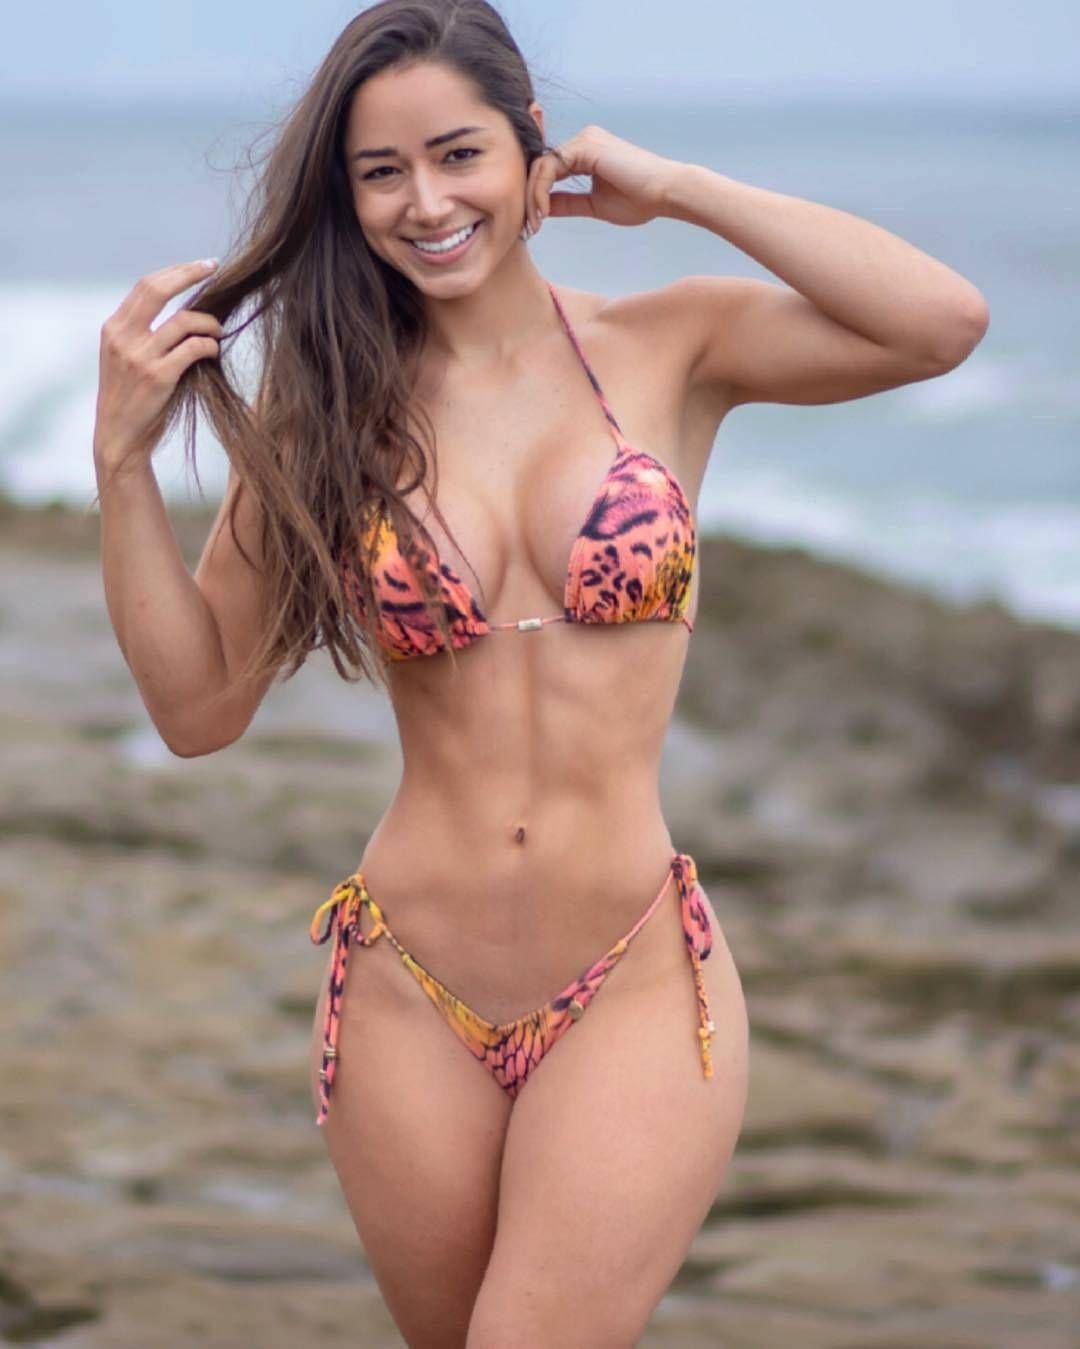 Bikini Kylie Cupcake Morgan nude photos 2019